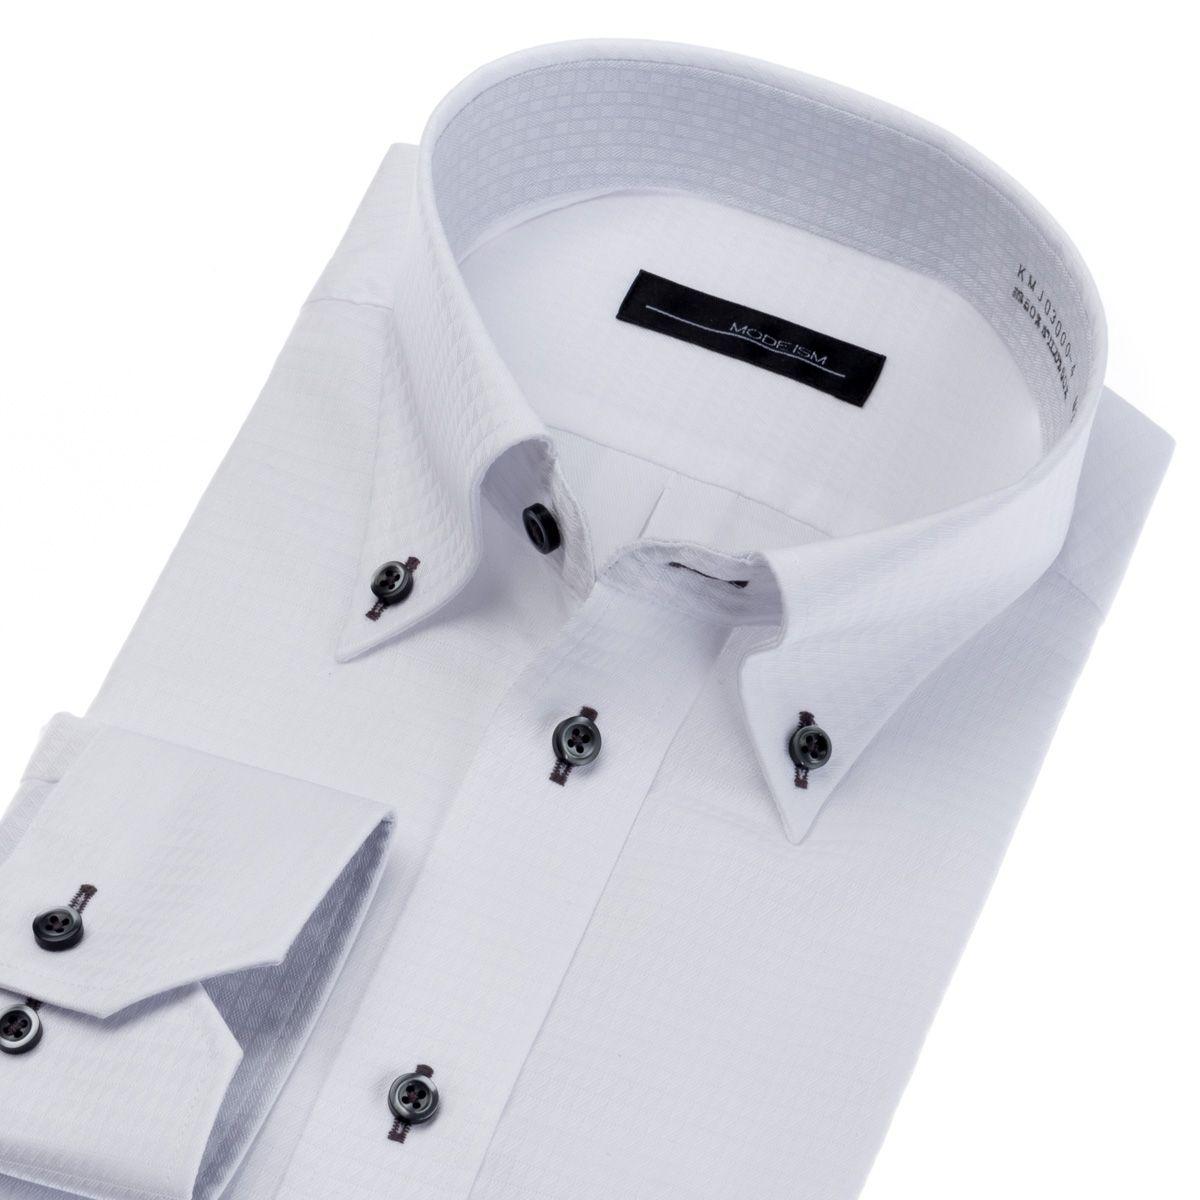 形態安定・吸水速乾・UVカット・抗菌防臭・吸水防汚 ボタンダウン ワイシャツ 長袖 【MODE ISM】